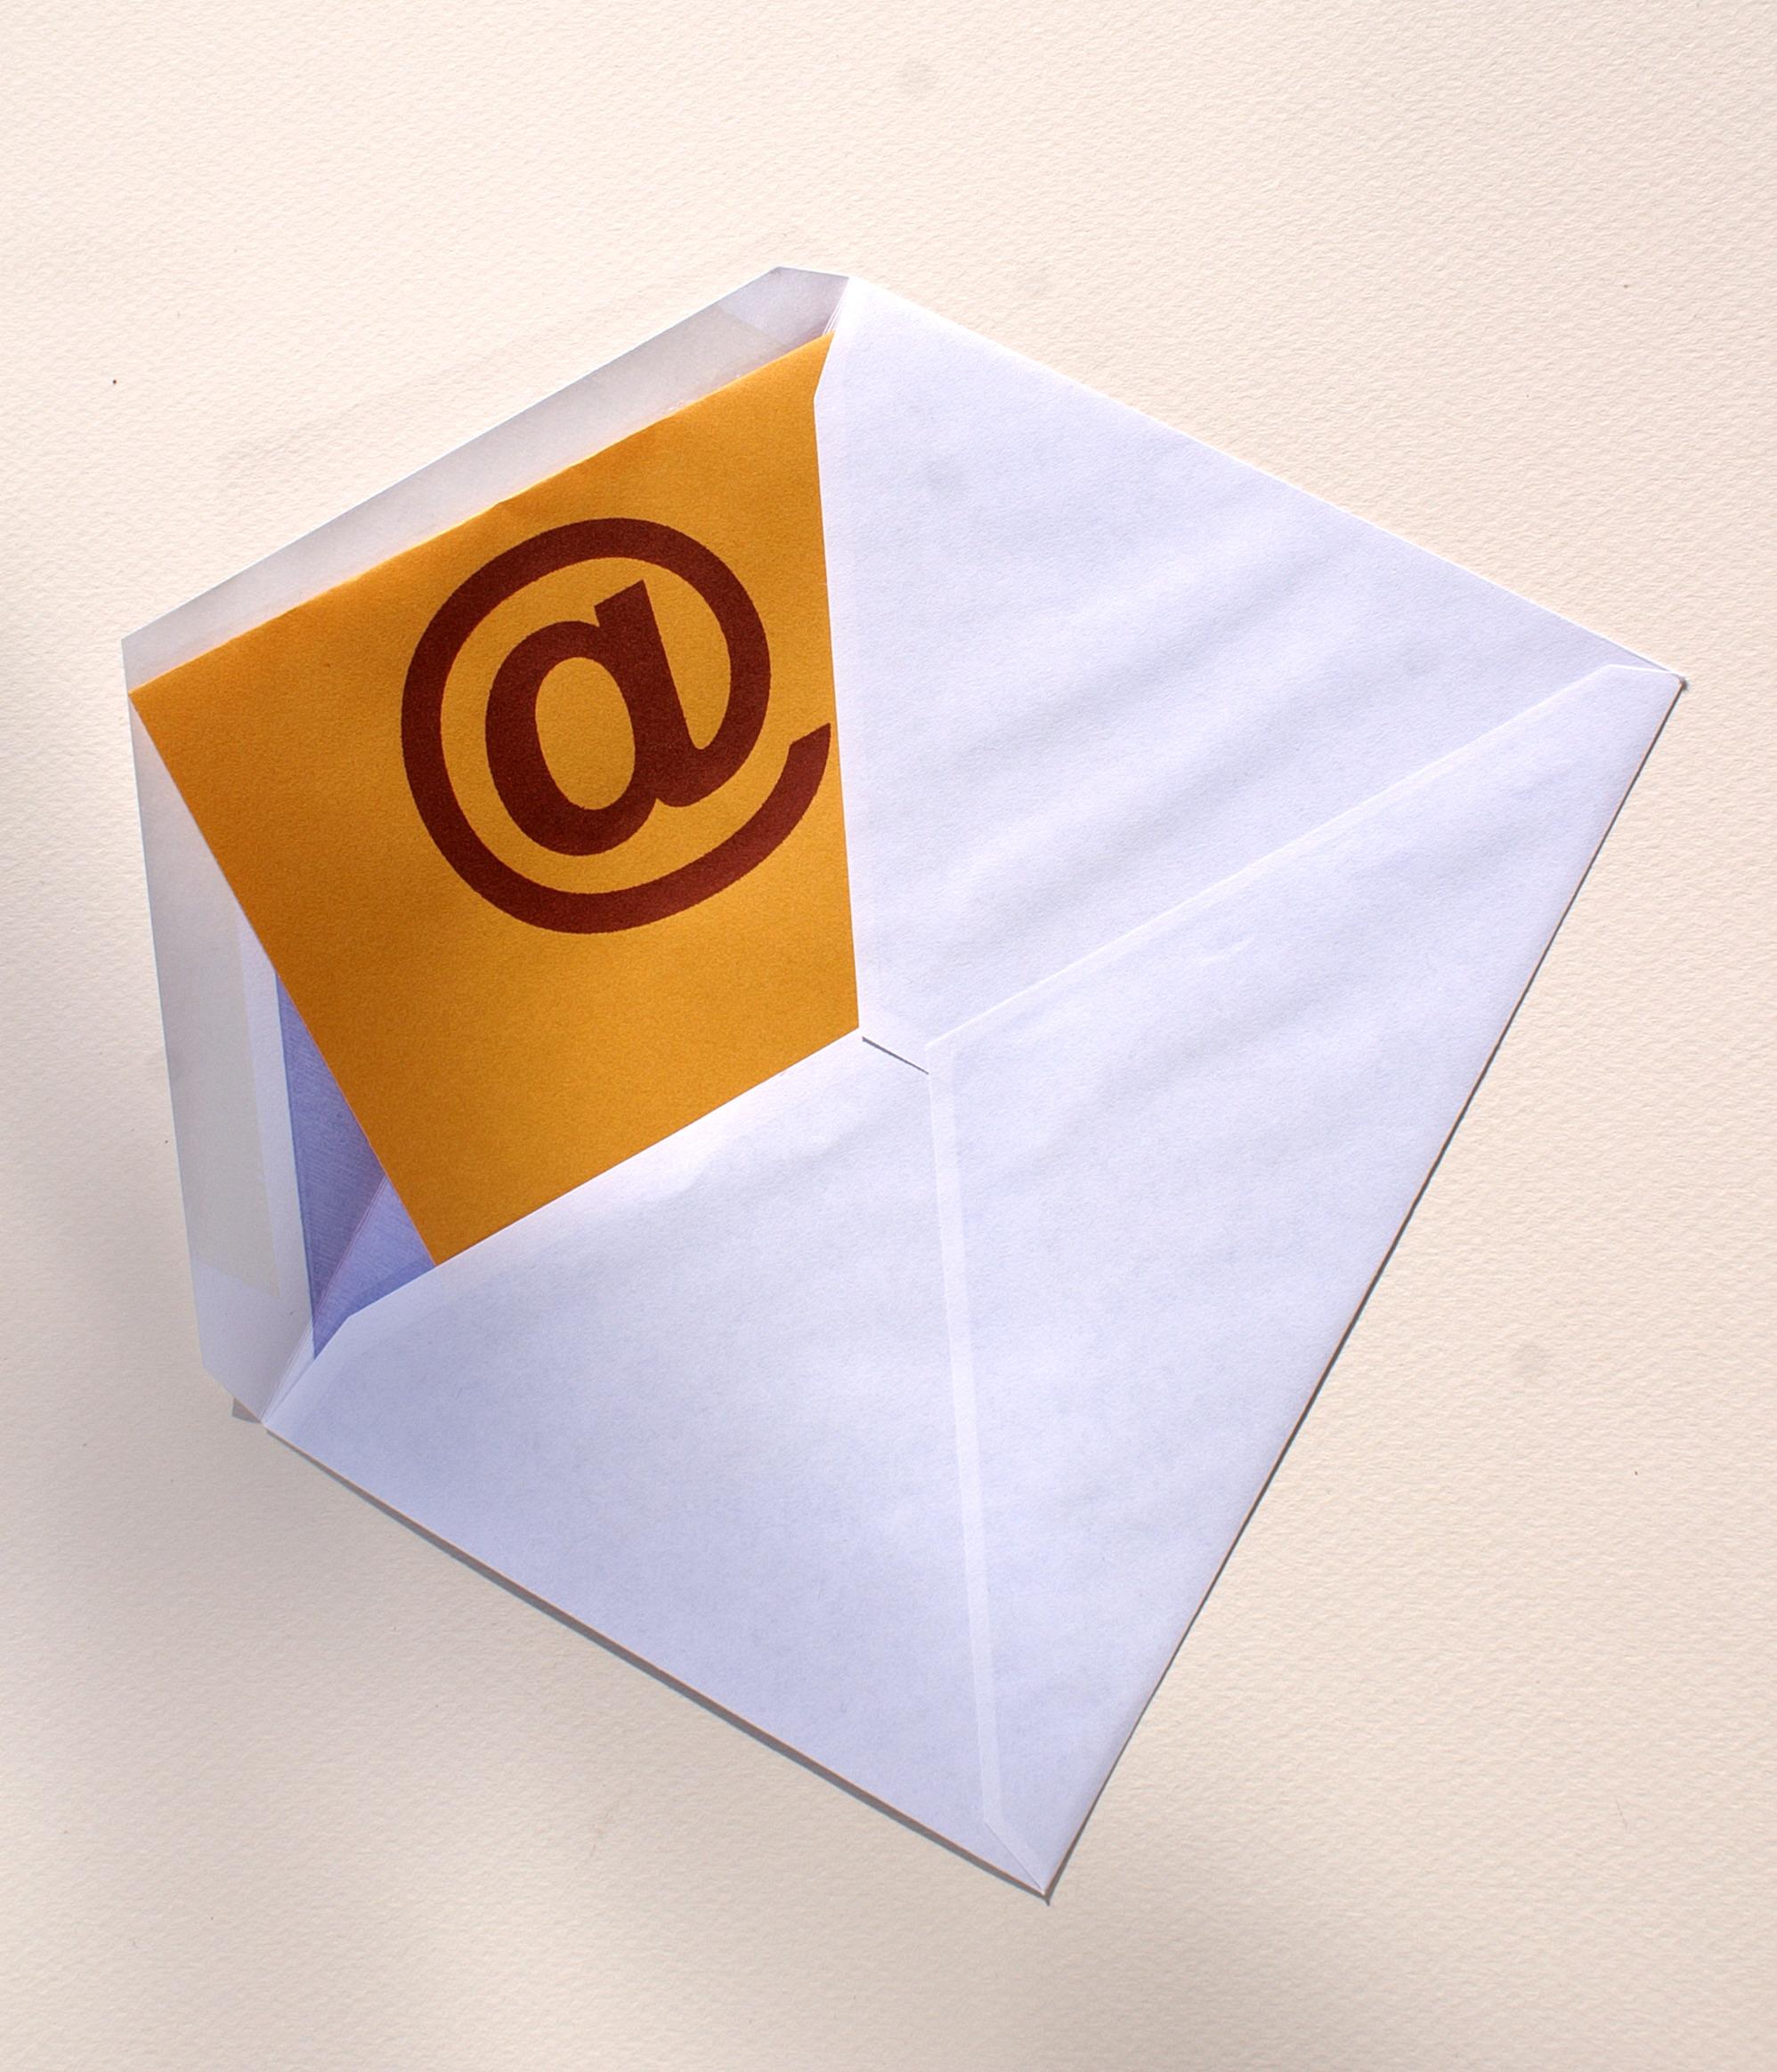 ontslagbrief per mail rechtsgeldig Is een opzegging per mail rechtsgeldig?   Ontslag Krijgen ontslagbrief per mail rechtsgeldig